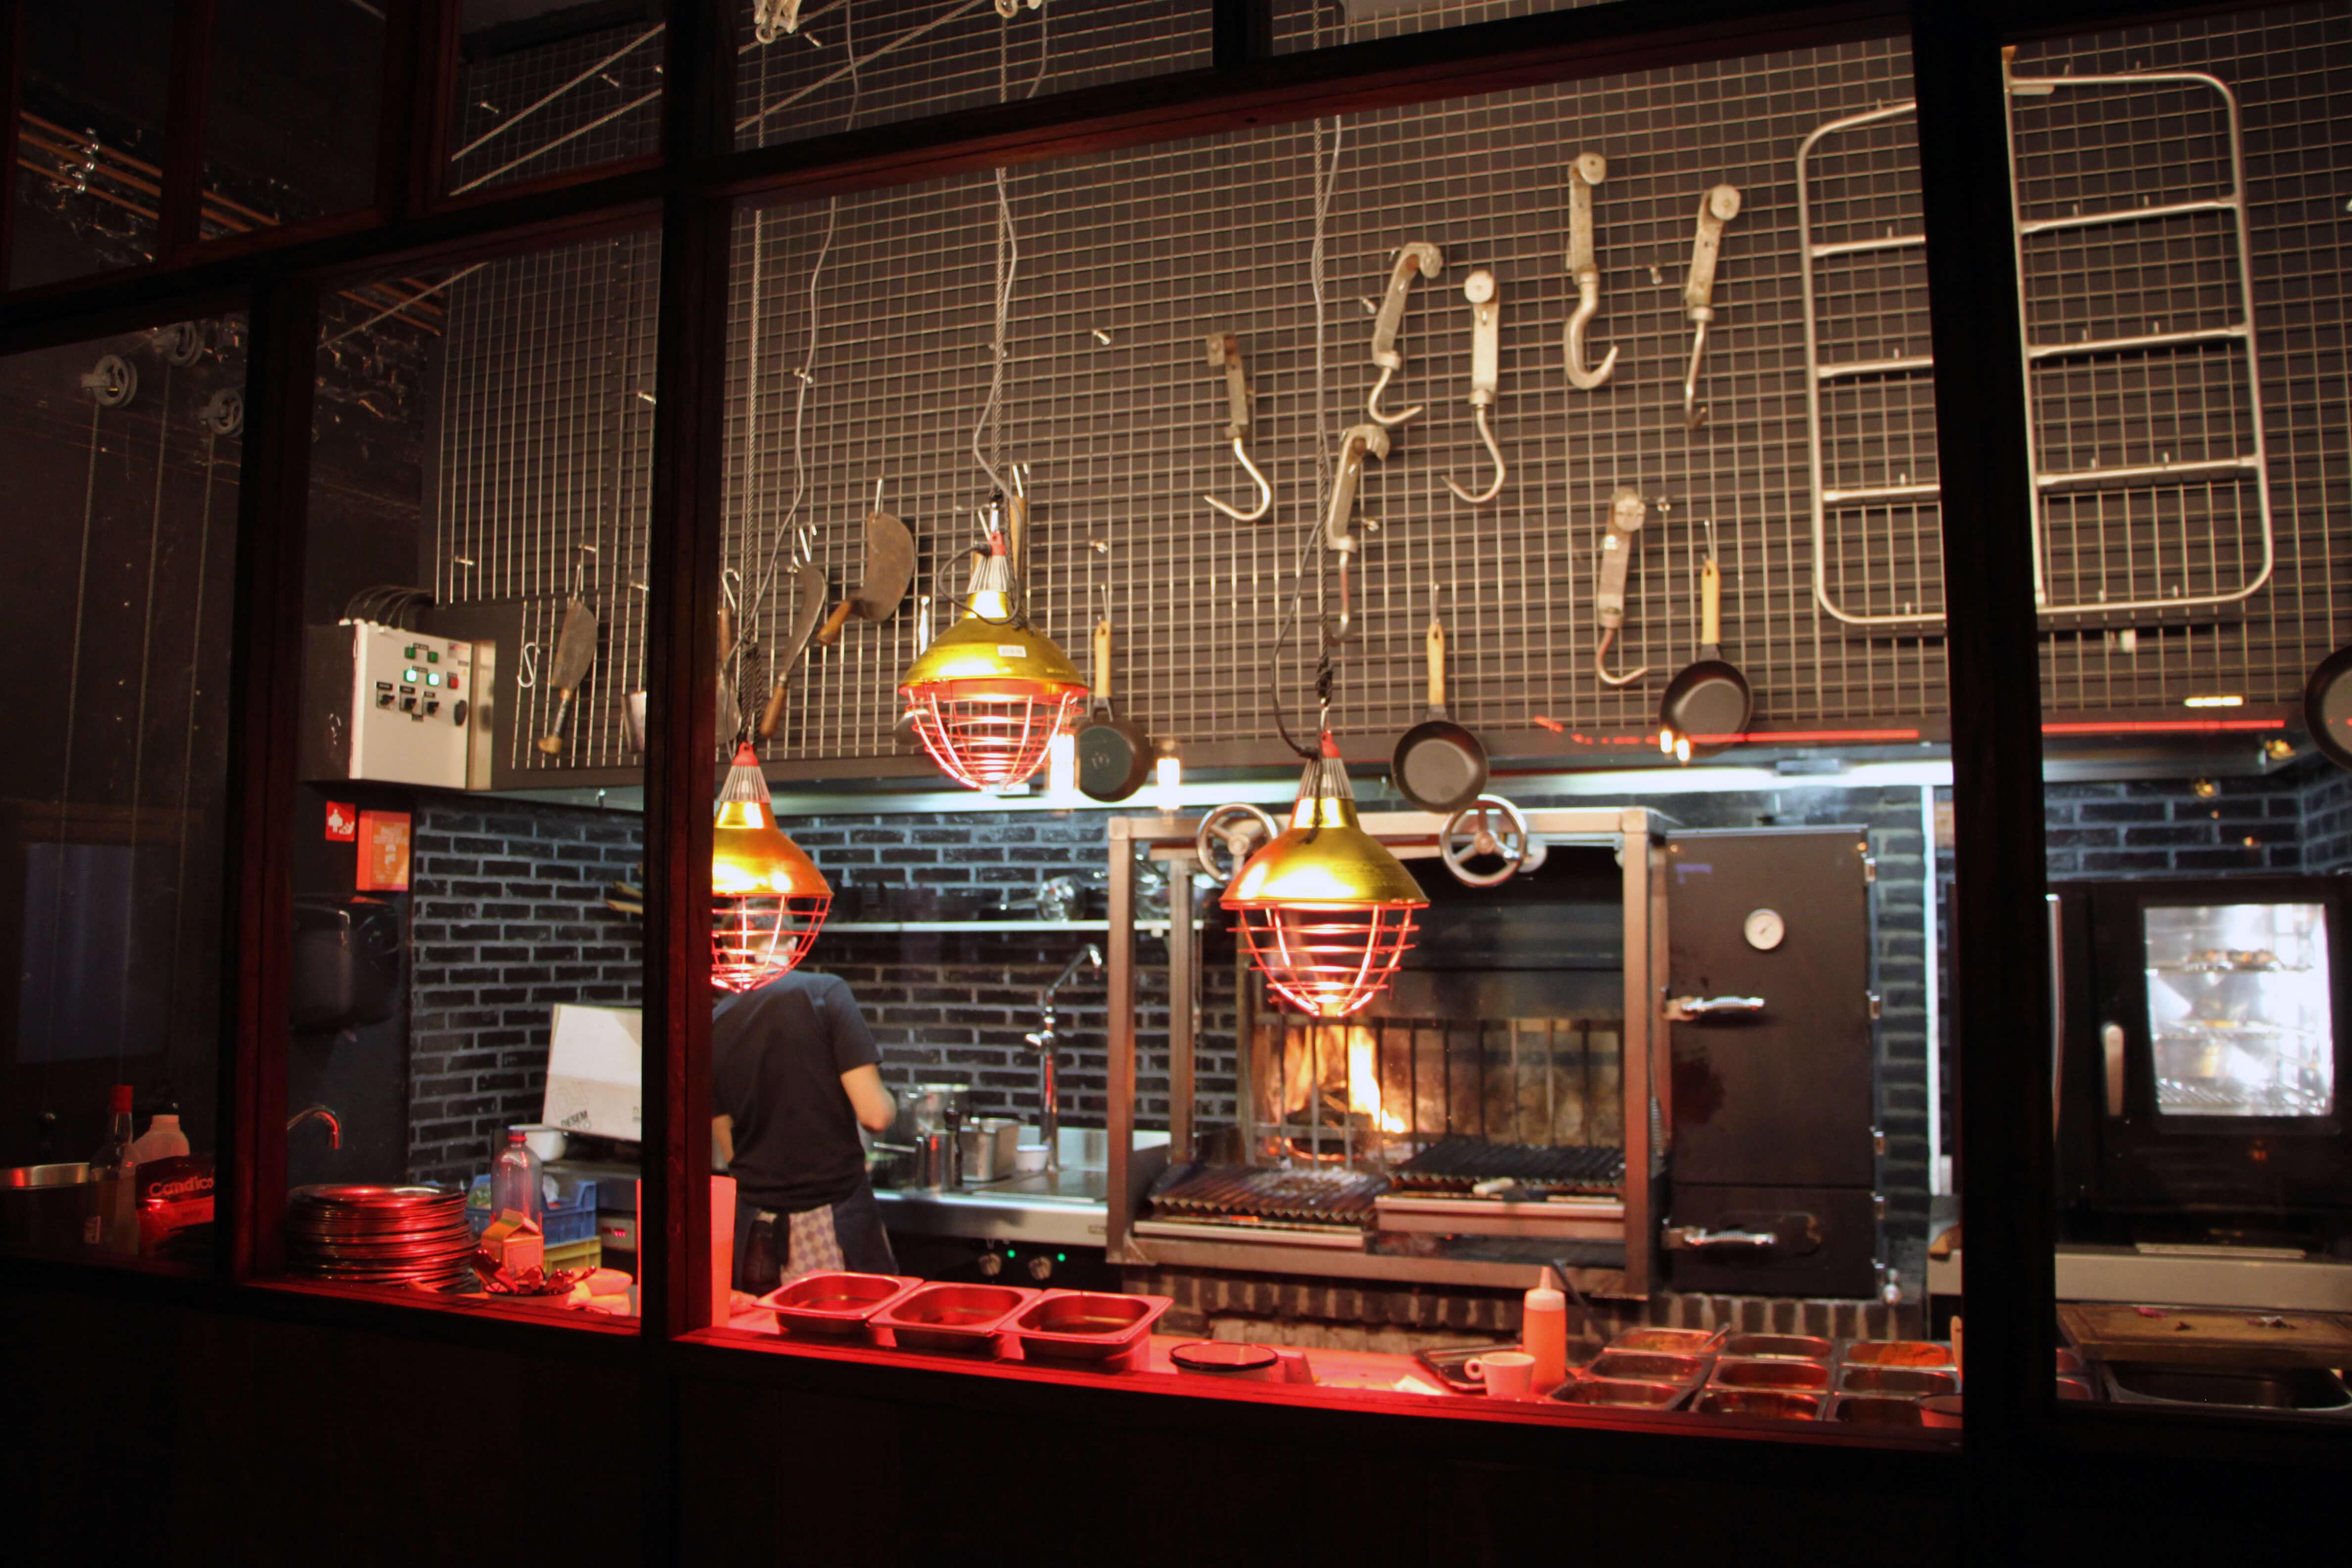 Een kijkje in de open keuken van BBQ restaurant Black Smoke in Antwerpen.